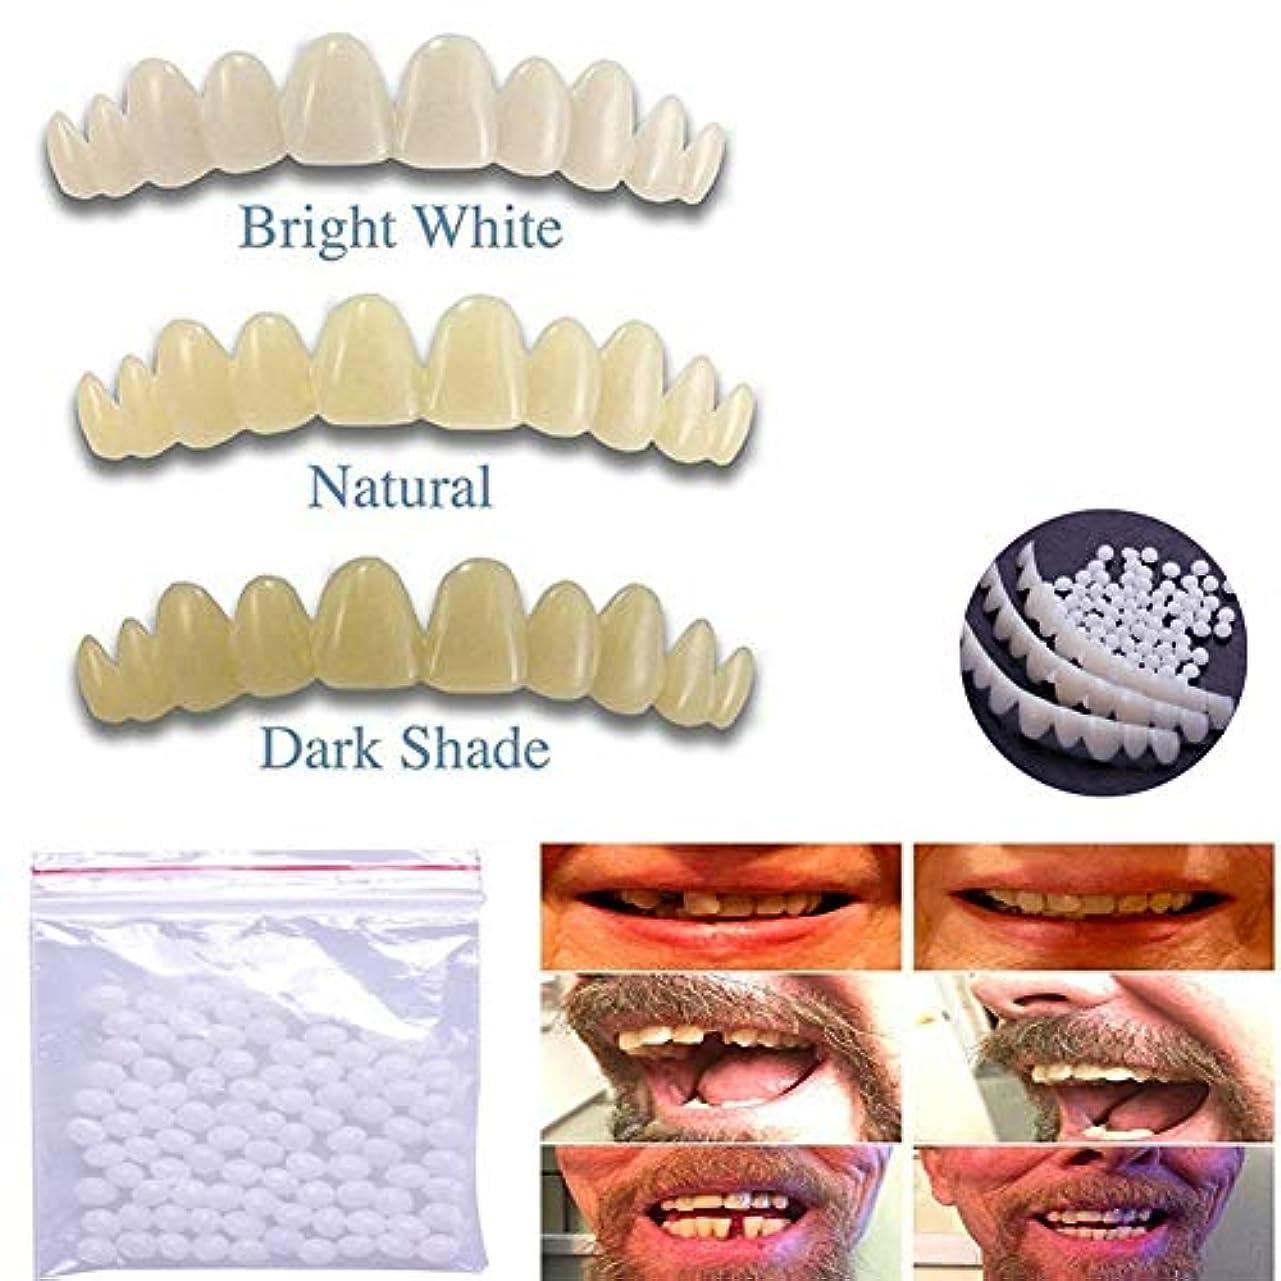 怪物またね横5一時的な歯の色合い1pcs 切断可能な義歯セット含まれています1バッグビーズ交換のためのパーフェクトスマイルナチュラルホワイトダーク,Mixing5PCS